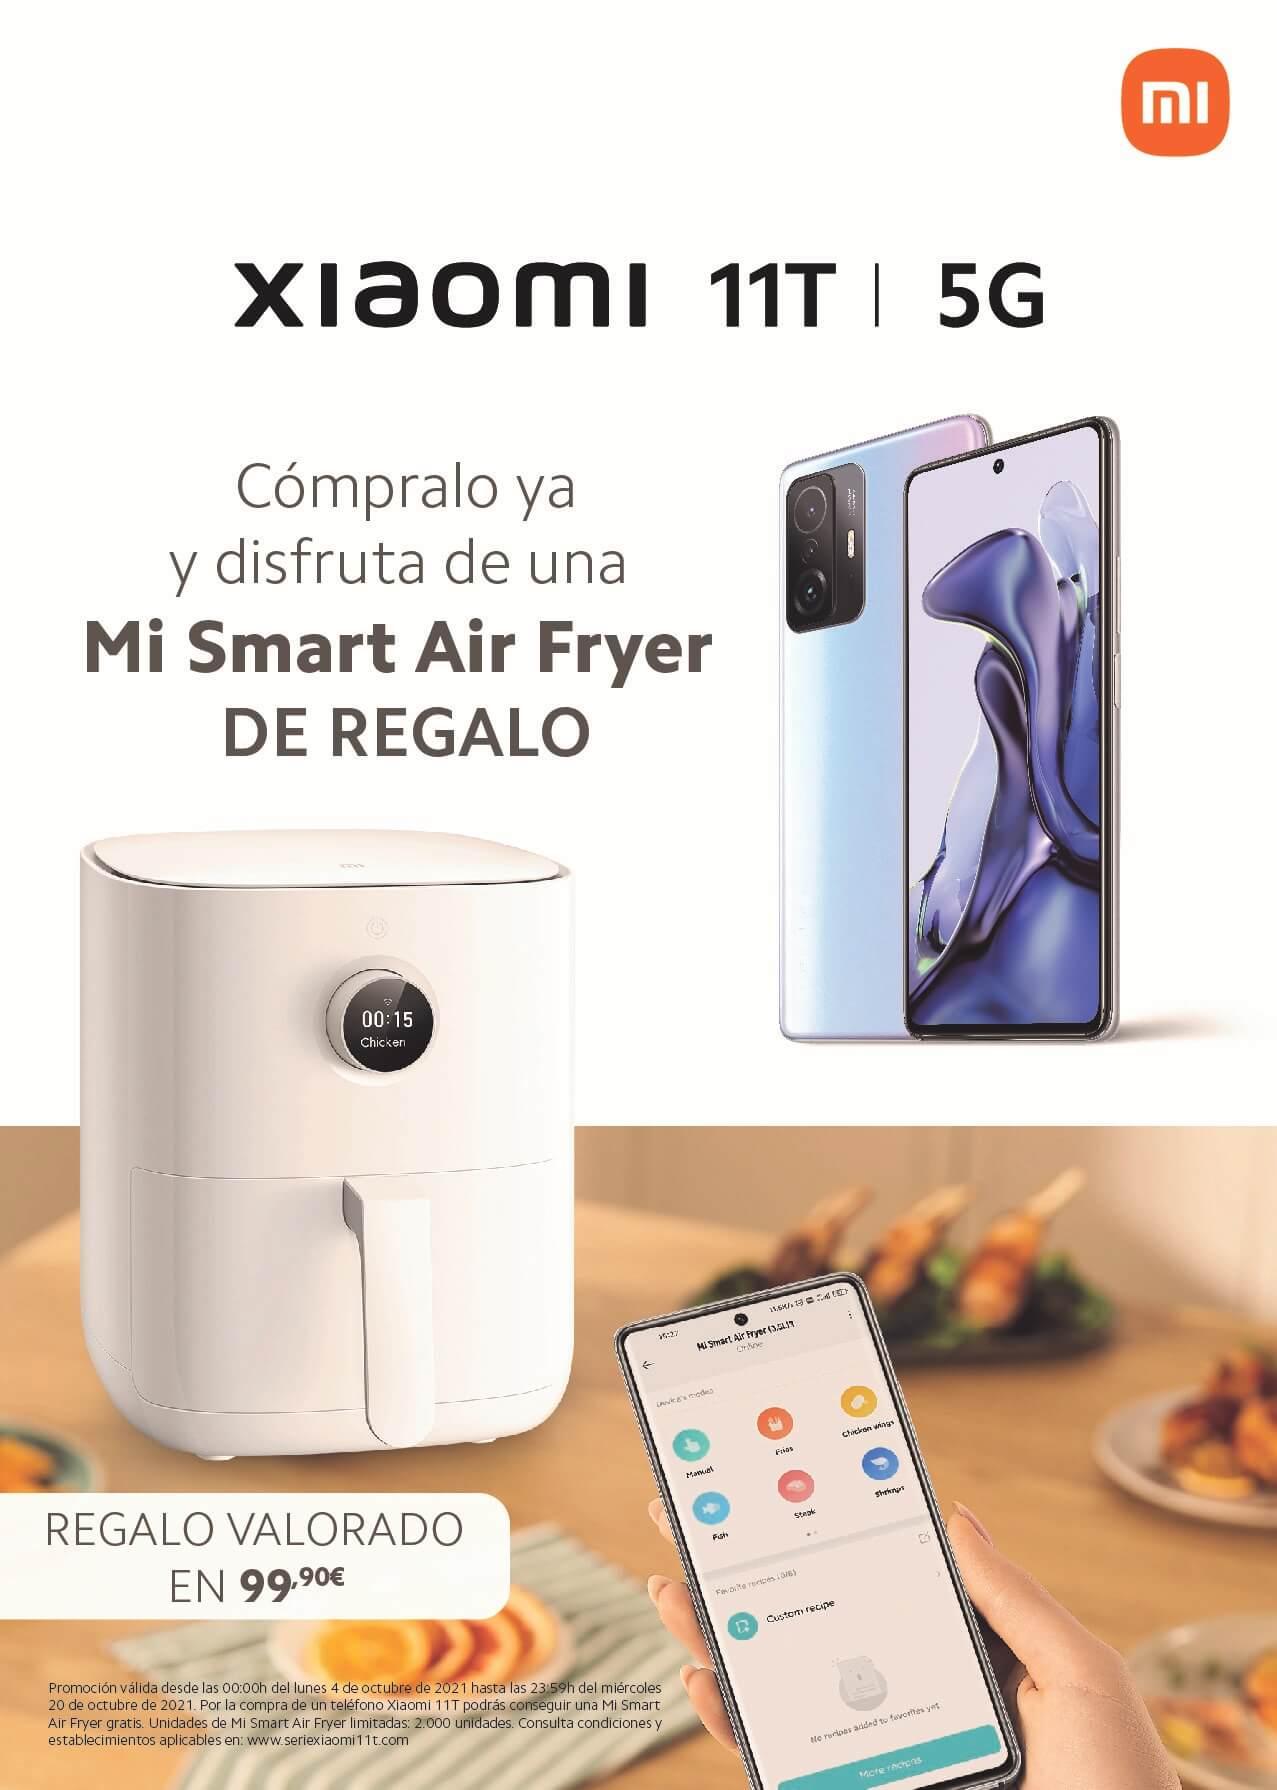 La nueva familia Xiaomi 11T con ofertas y regalos en España